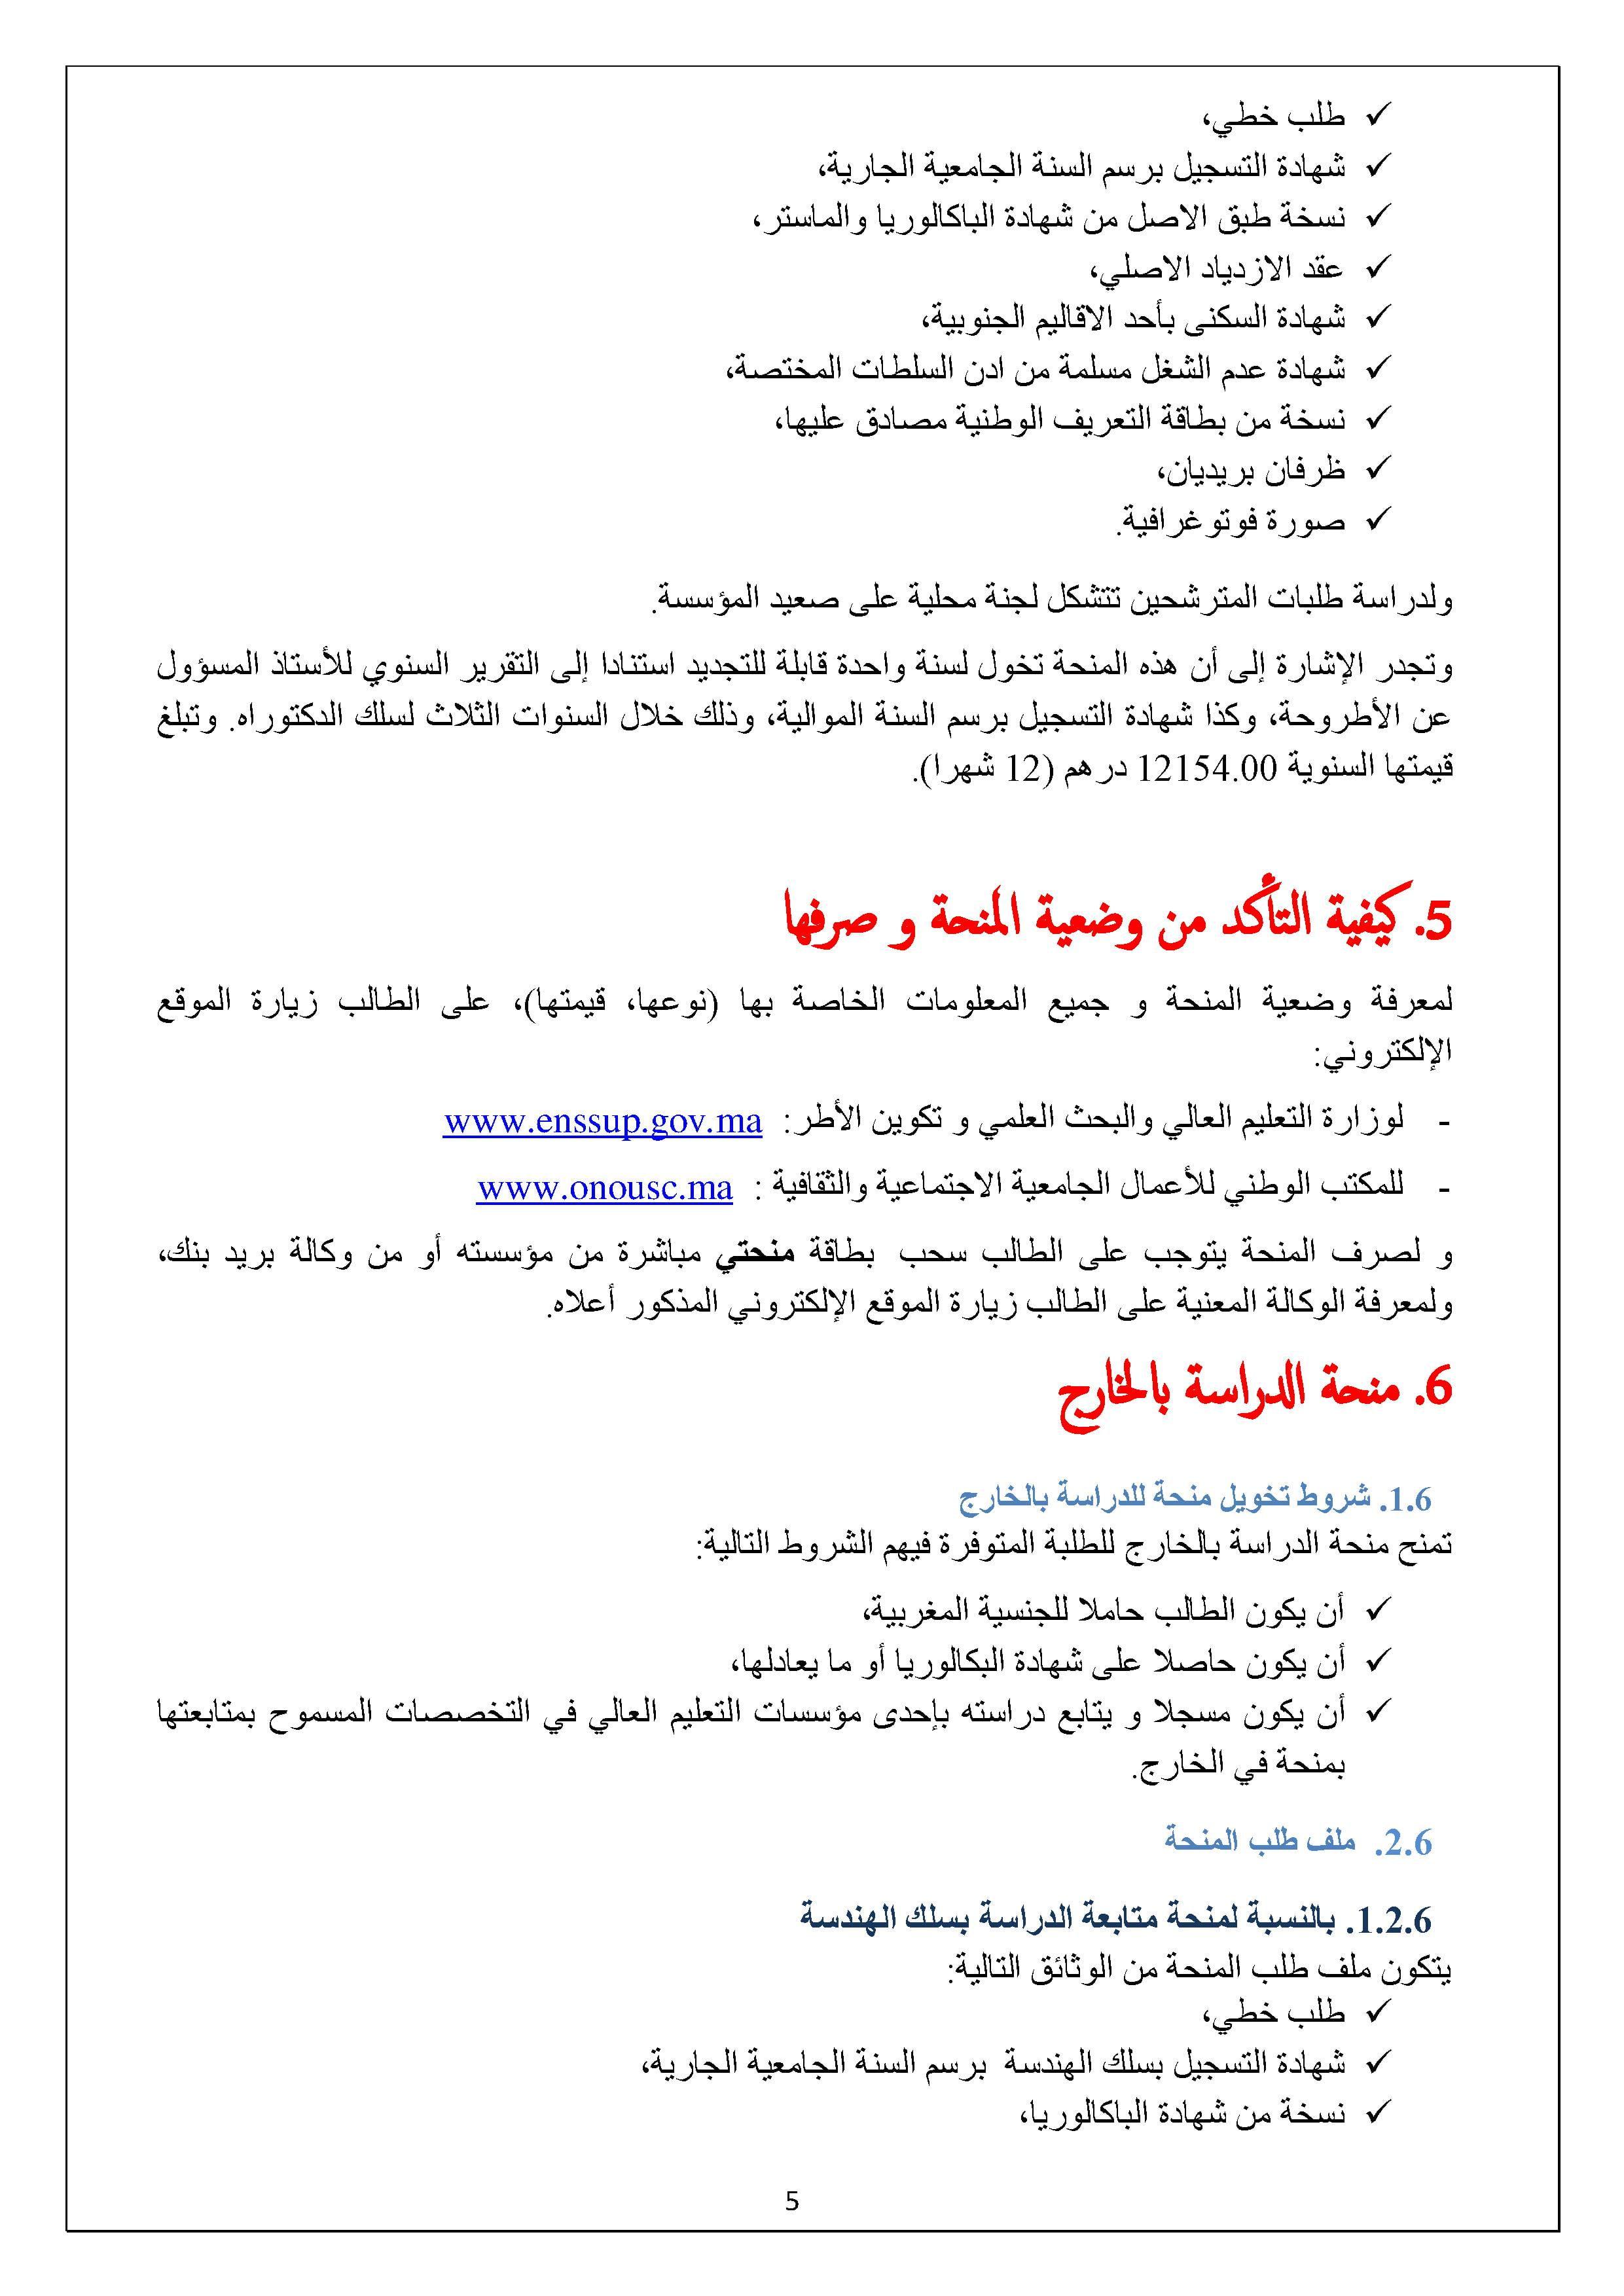 وثائق الحصول على المنحة الجامعية 2016 بالمغرب 6